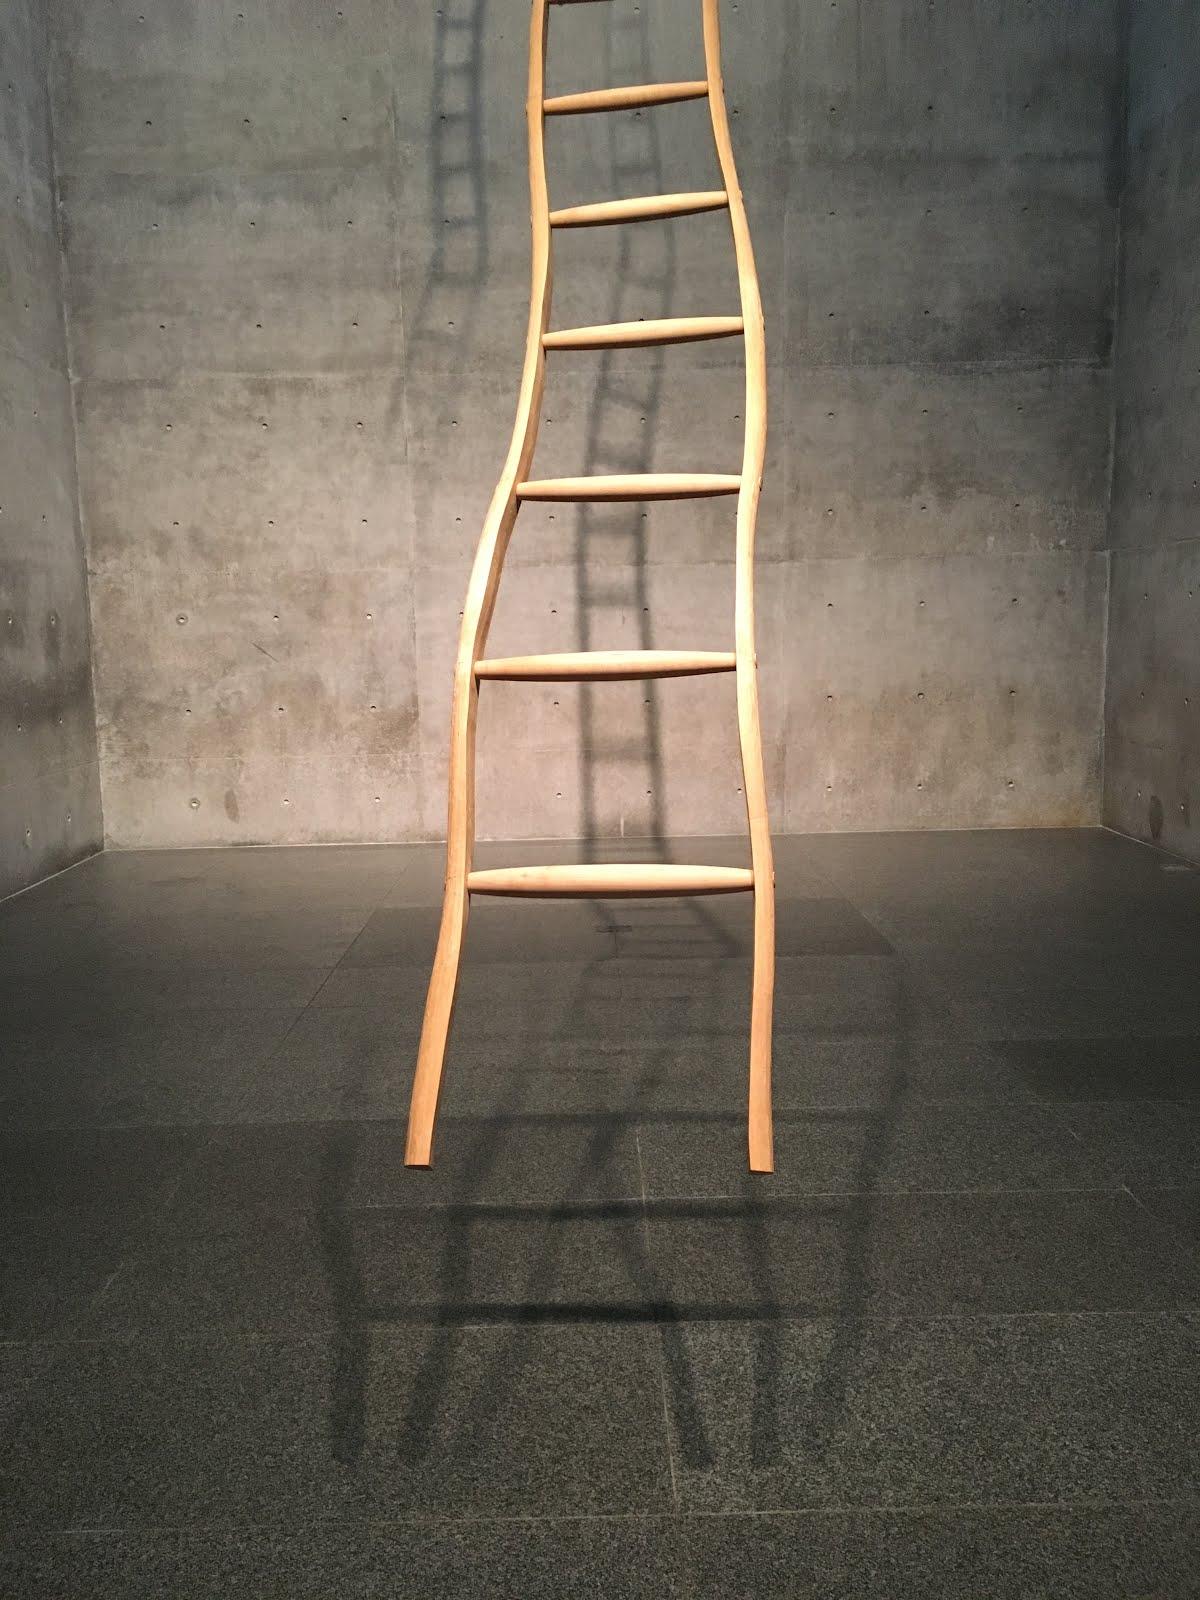 Deborah's Journal: The Ladder